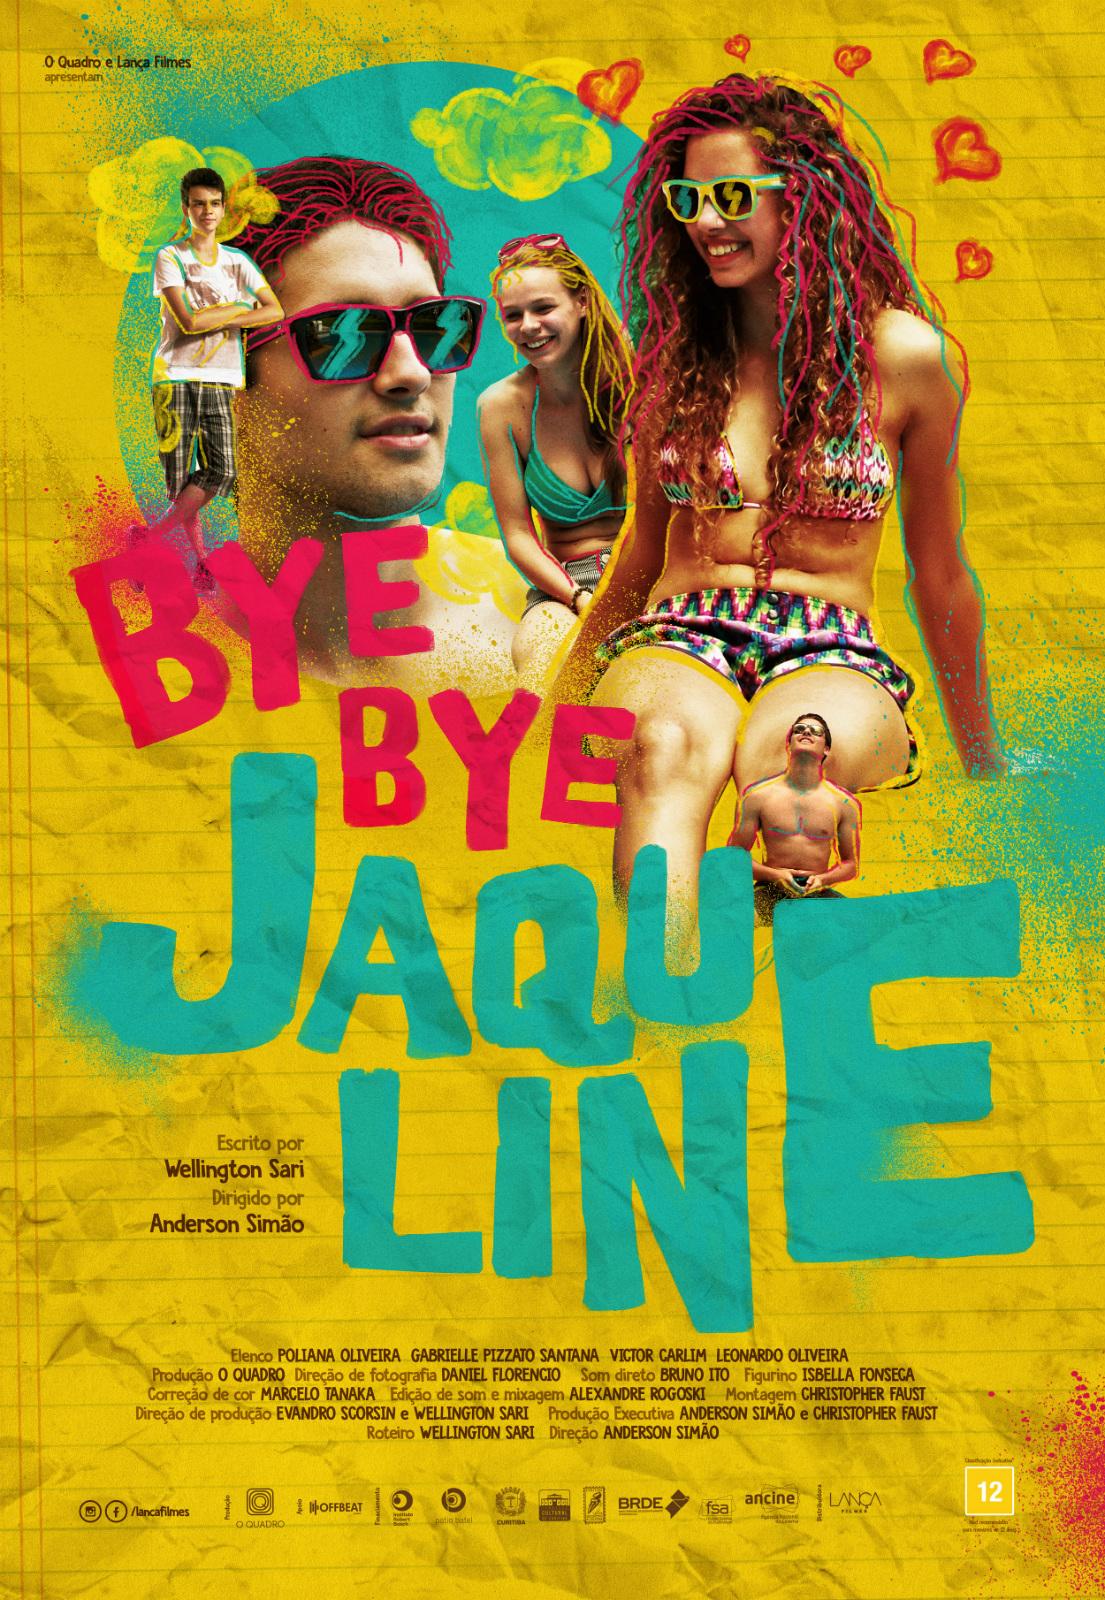 Bye Bye Jaqueline Nacional